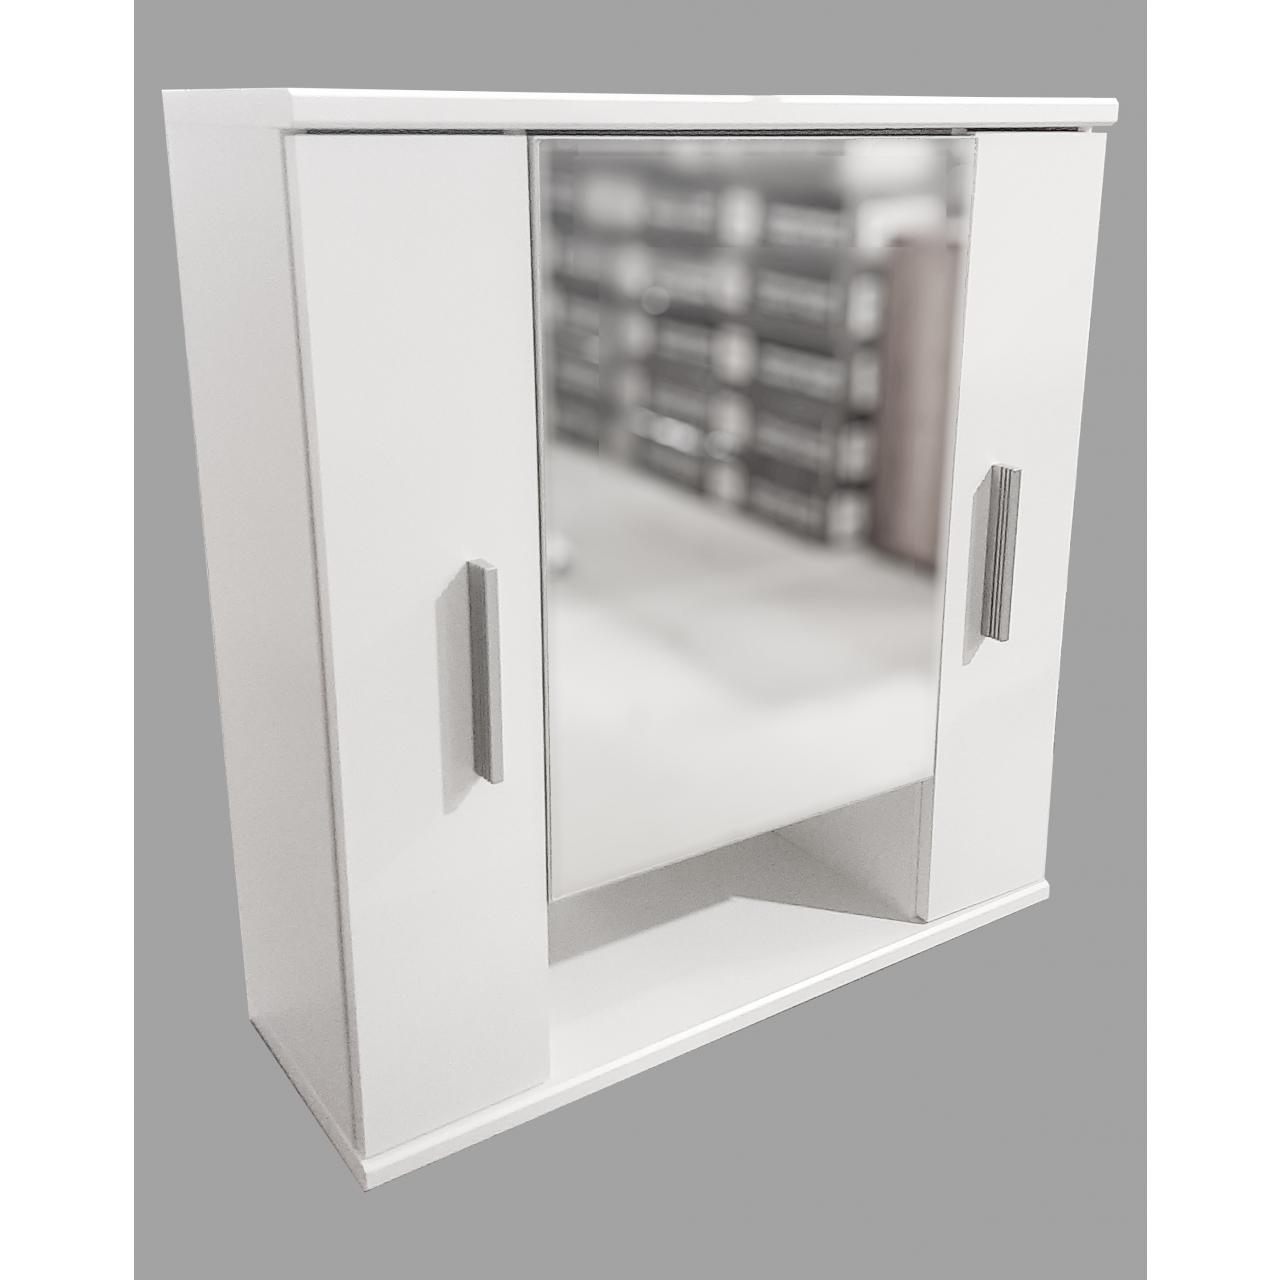 Spiegelschrank Juist Weiß inkl. Beleuchtung 2 Türen 1 Offenes Fach Gäste-WC MDF